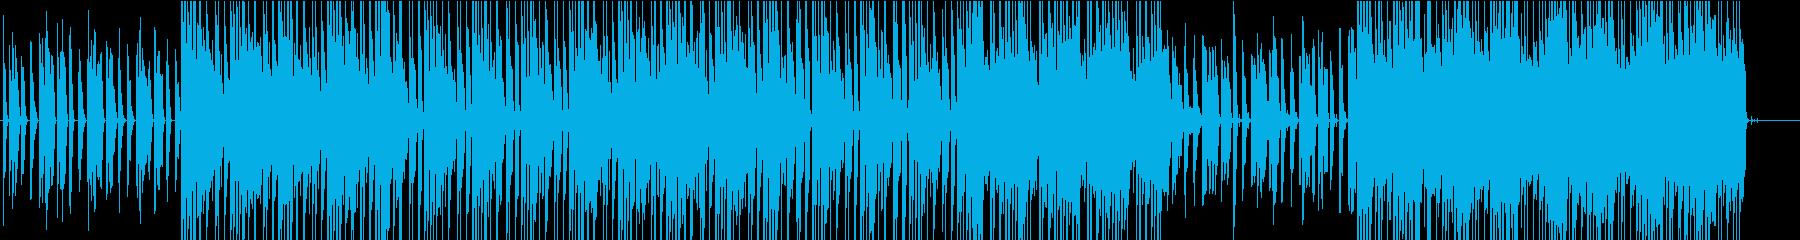 ワントーンテクノの再生済みの波形